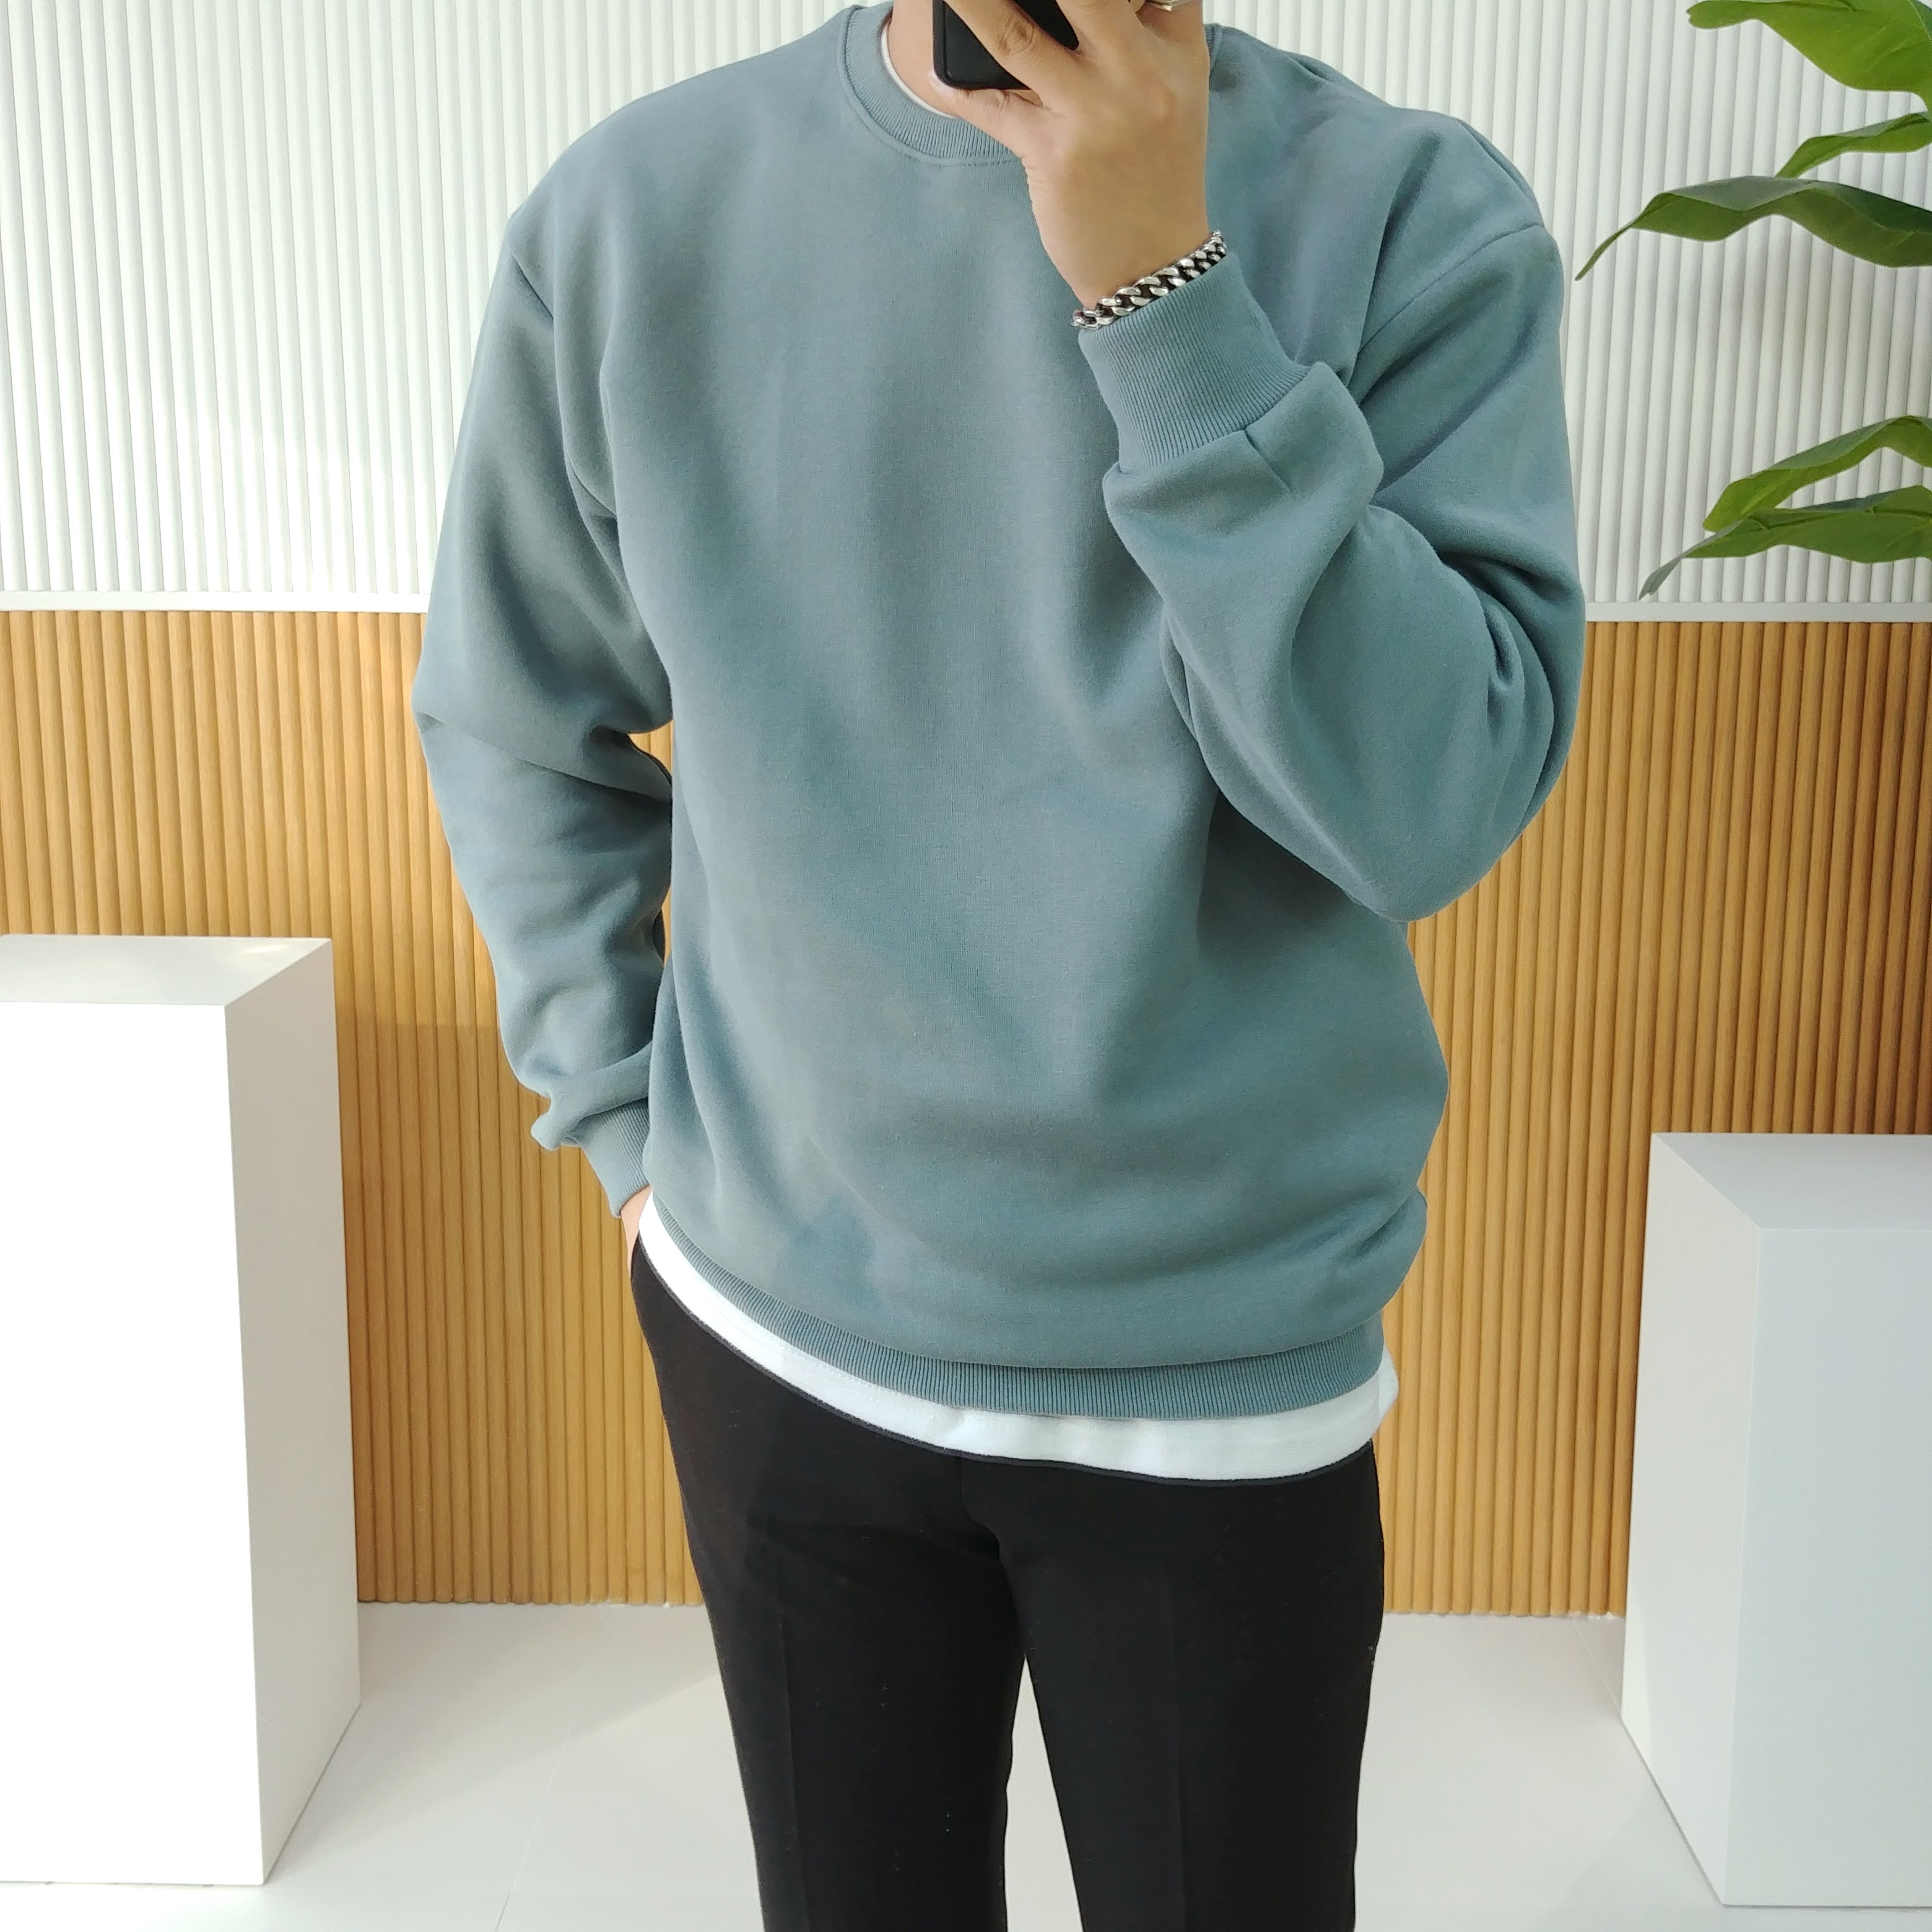 로니제이 남자 가을 겨울 도톰한 양기모 무지 라운드 커플 맨투맨 티셔츠 24컬러